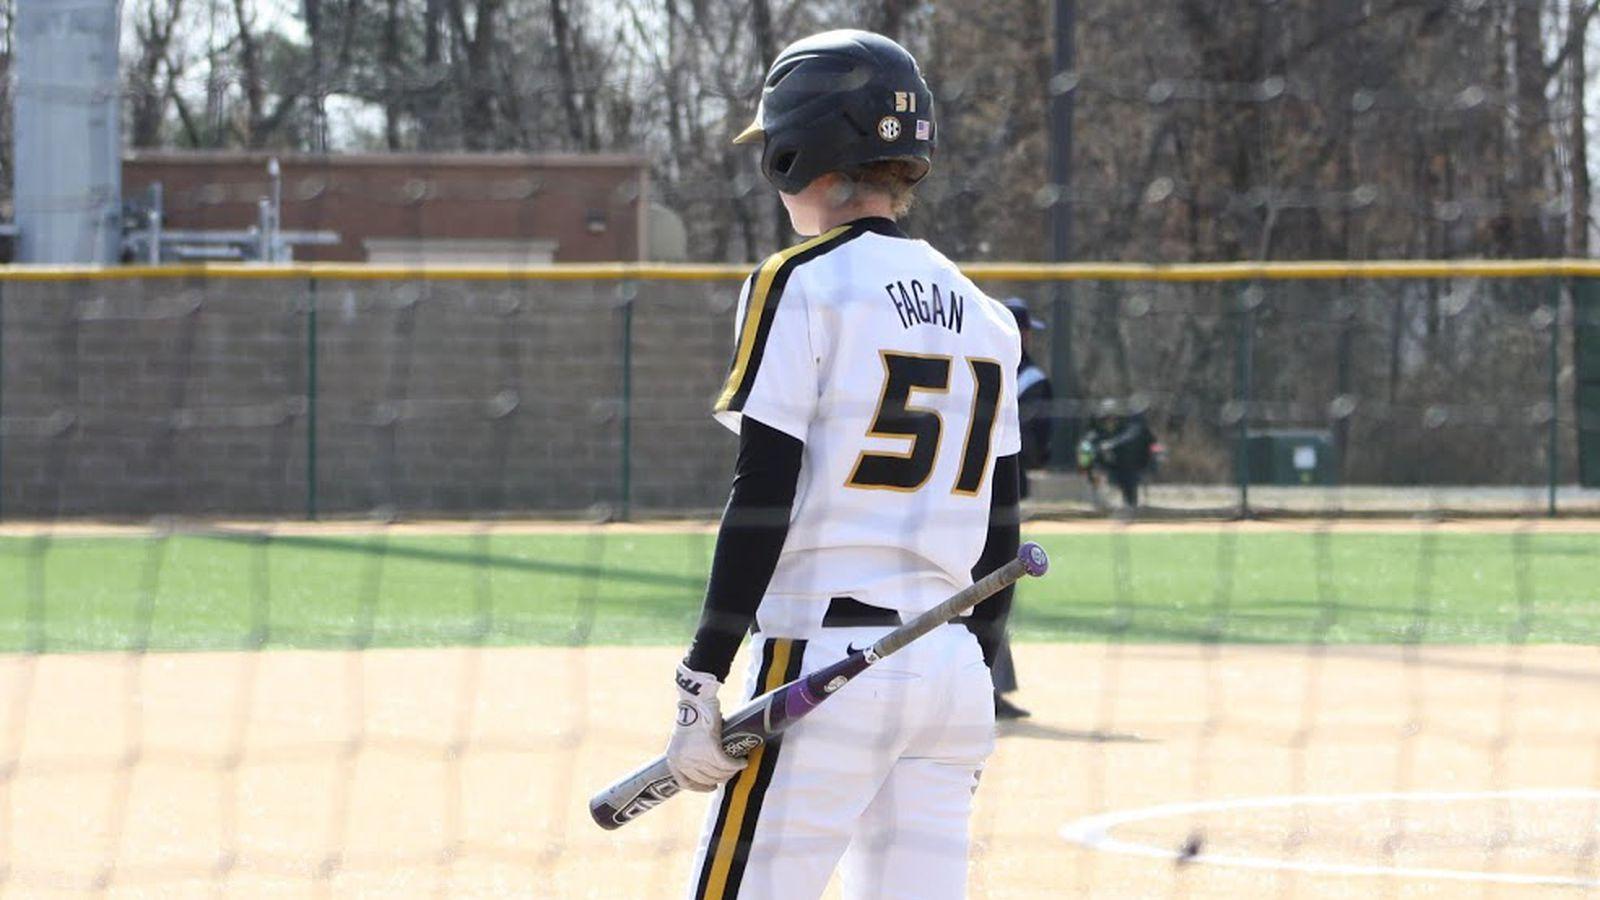 Softball-fagan.0